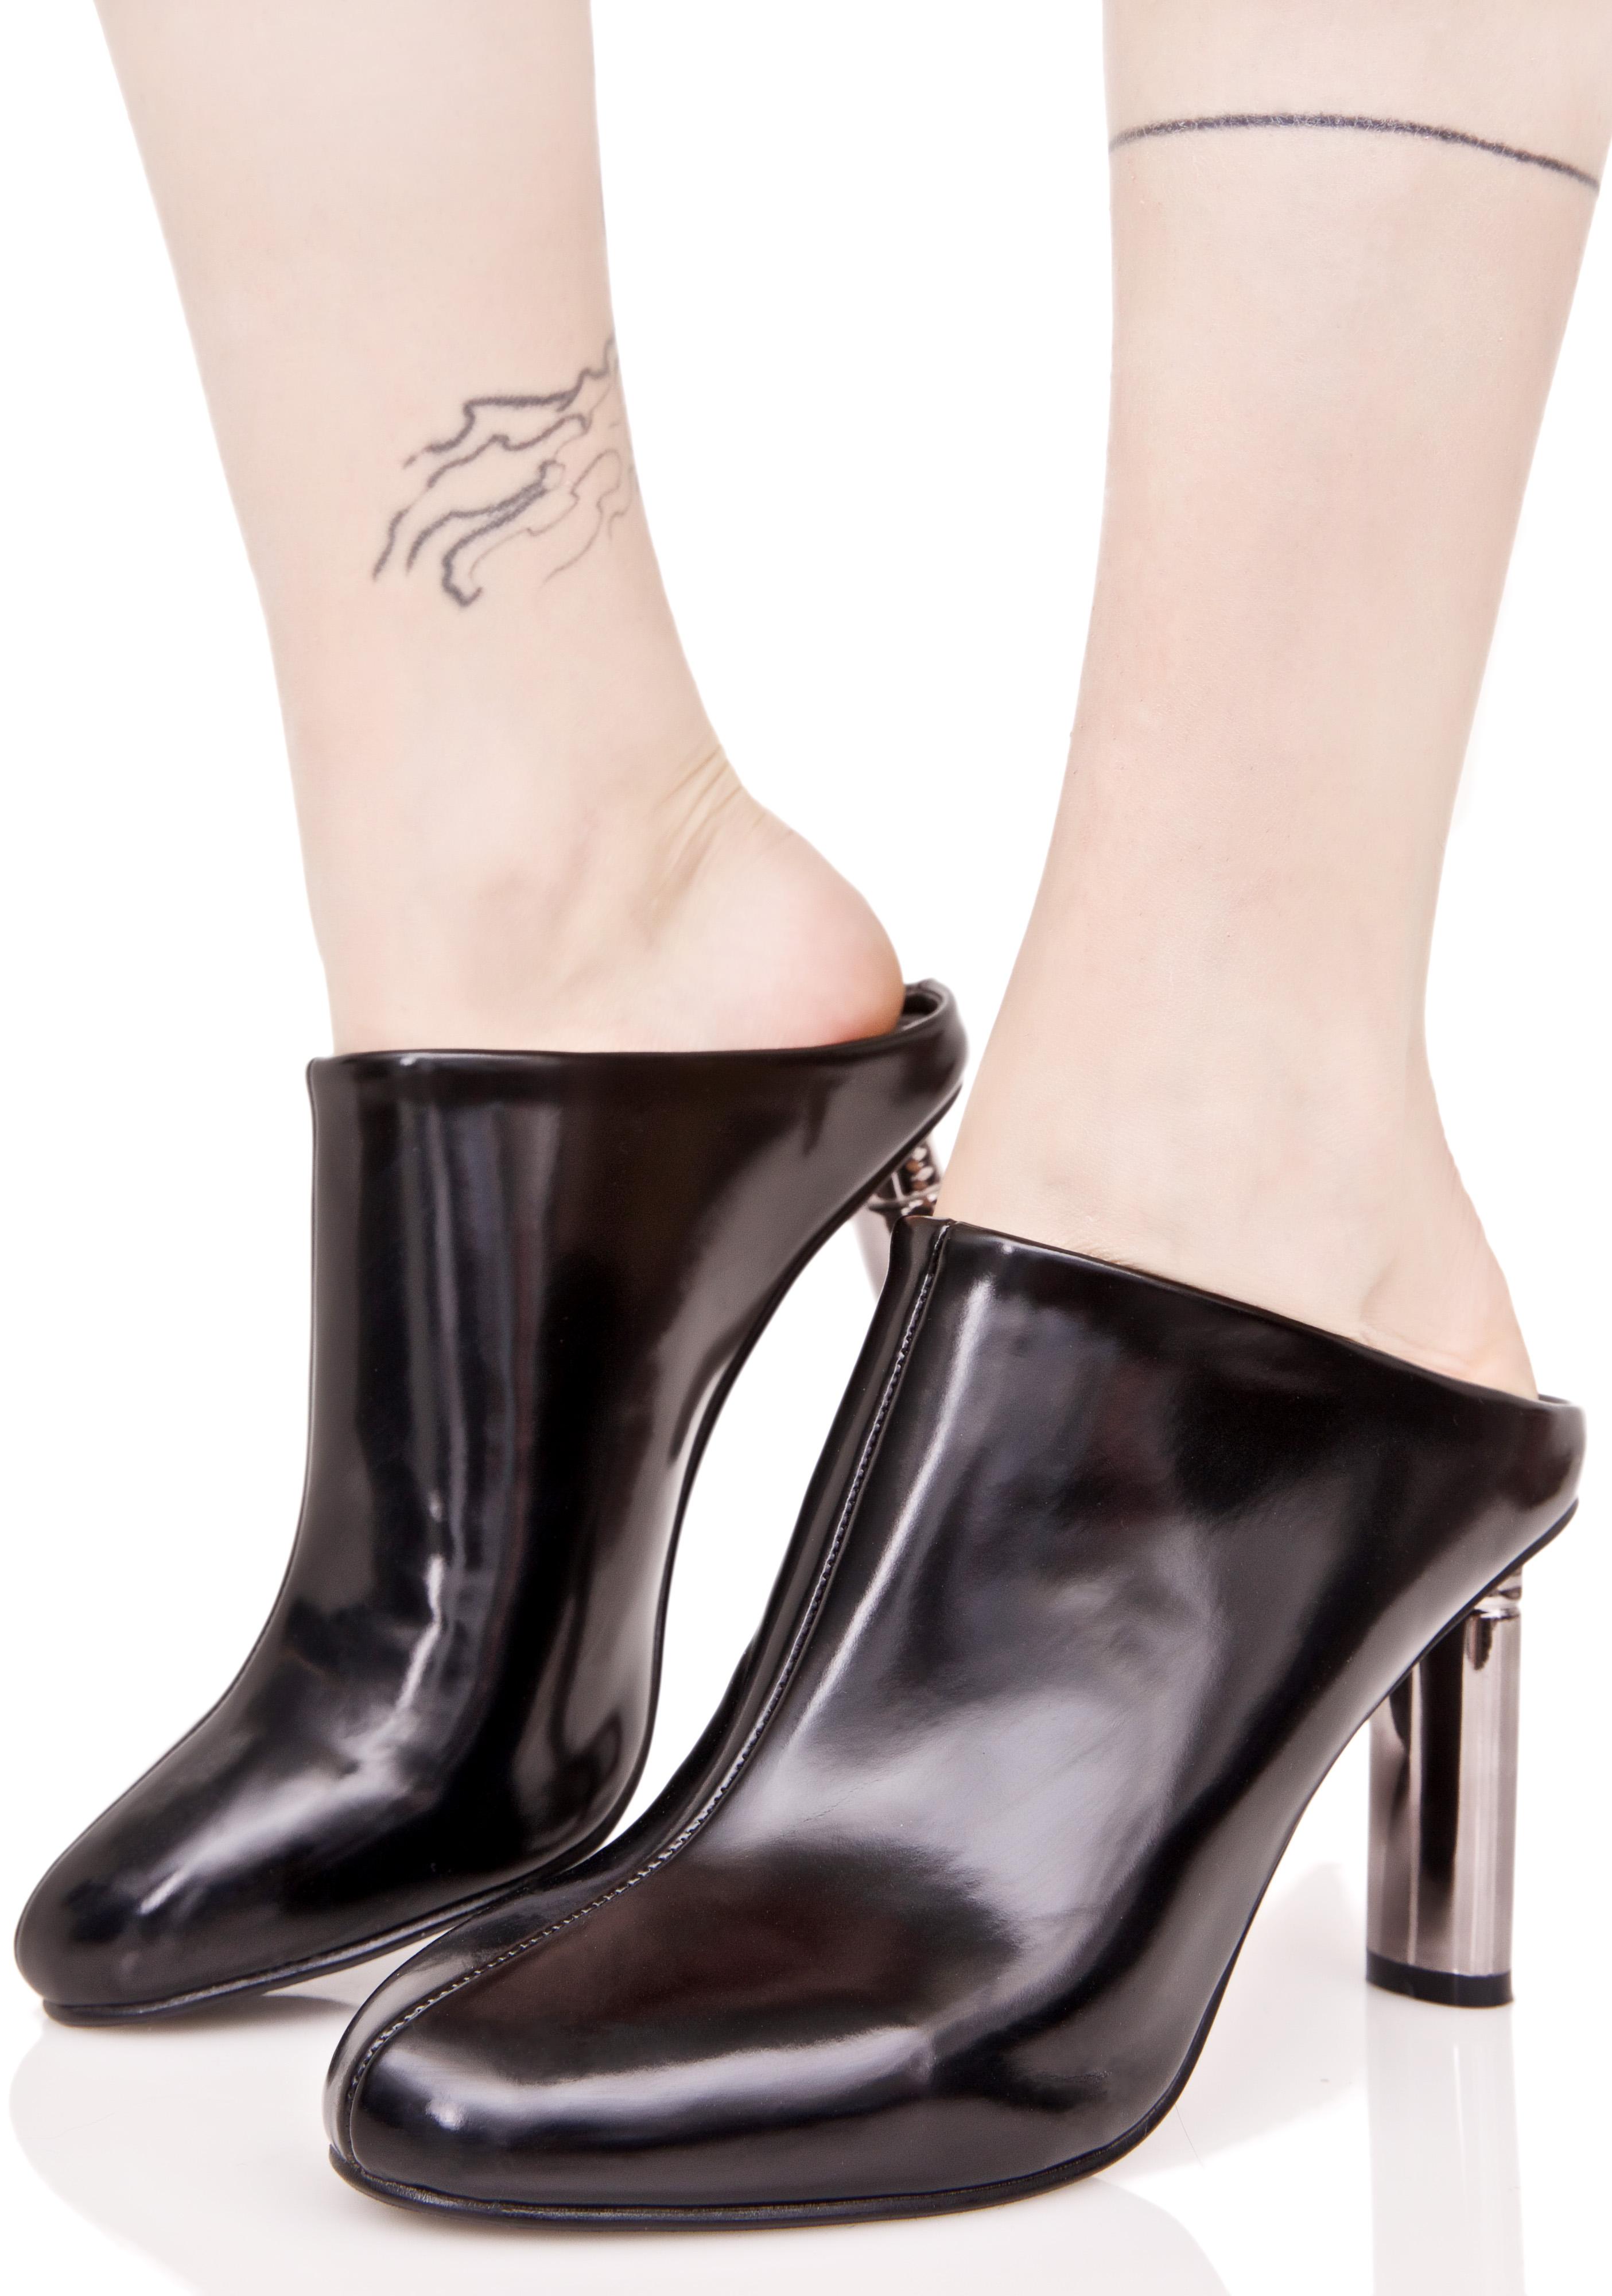 Black Pointed Mule Heels